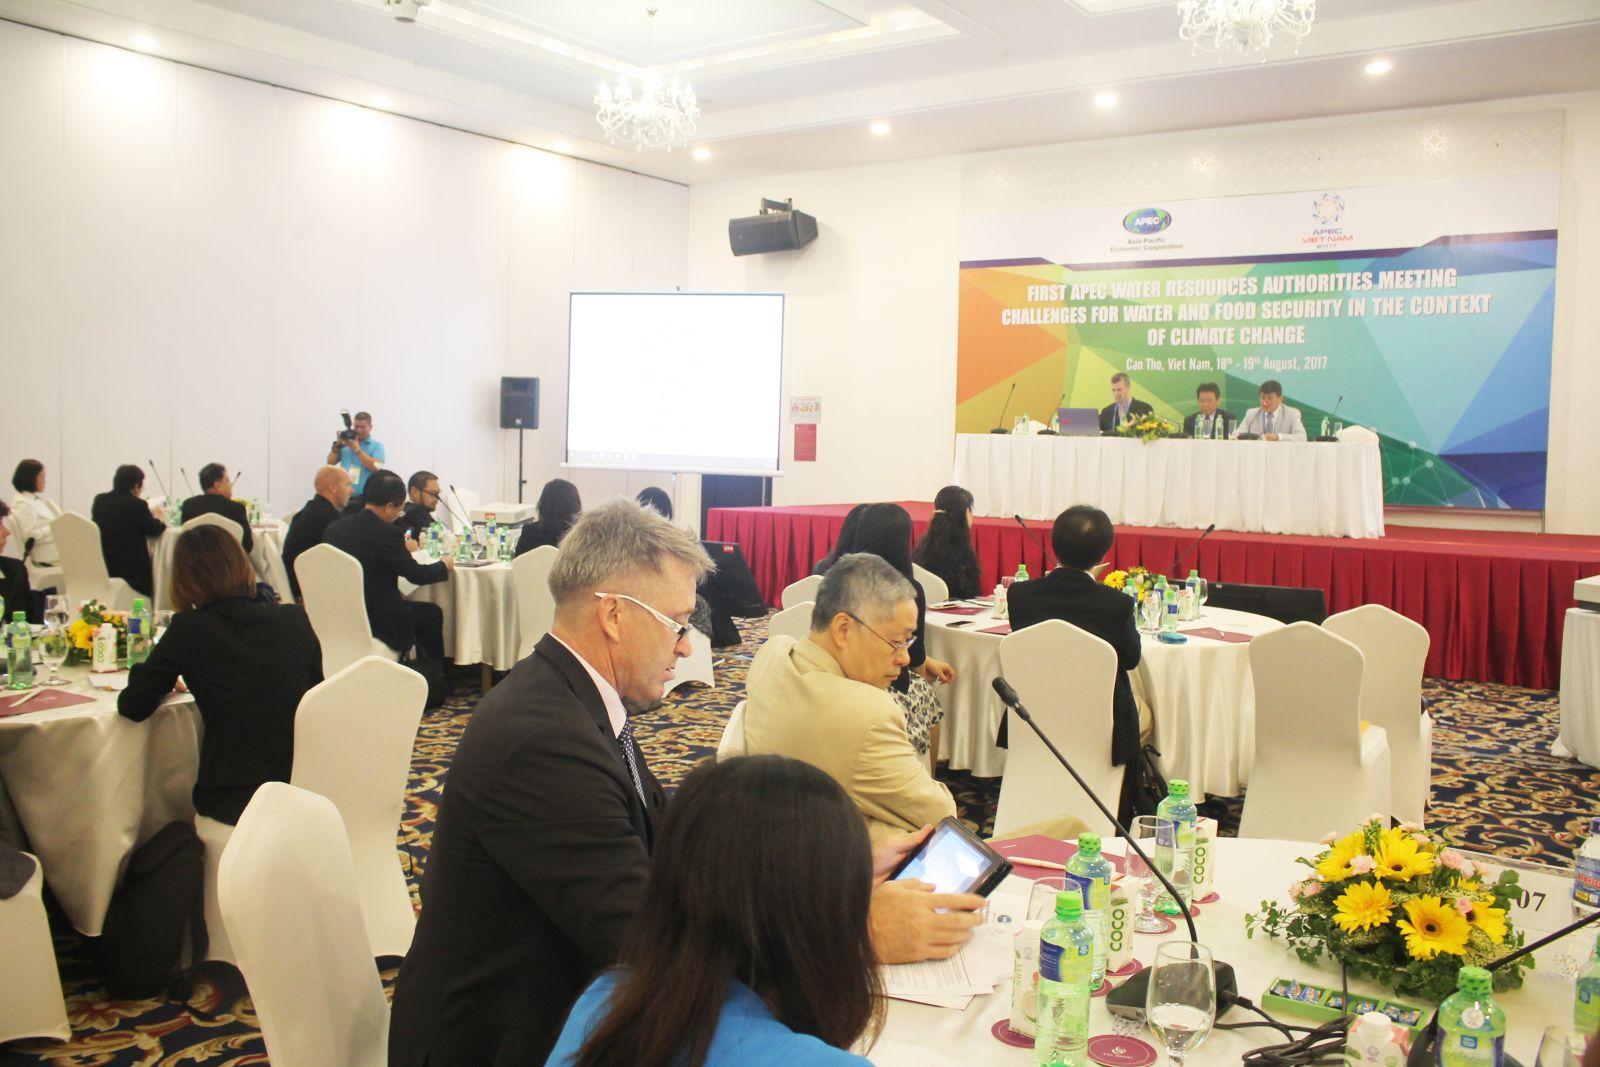 Nhóm Diễn đàn đối tác chính sách về An ninh lương thực cùng tham gia thảo luận tại Hội thảo. Ảnh: Văn Công